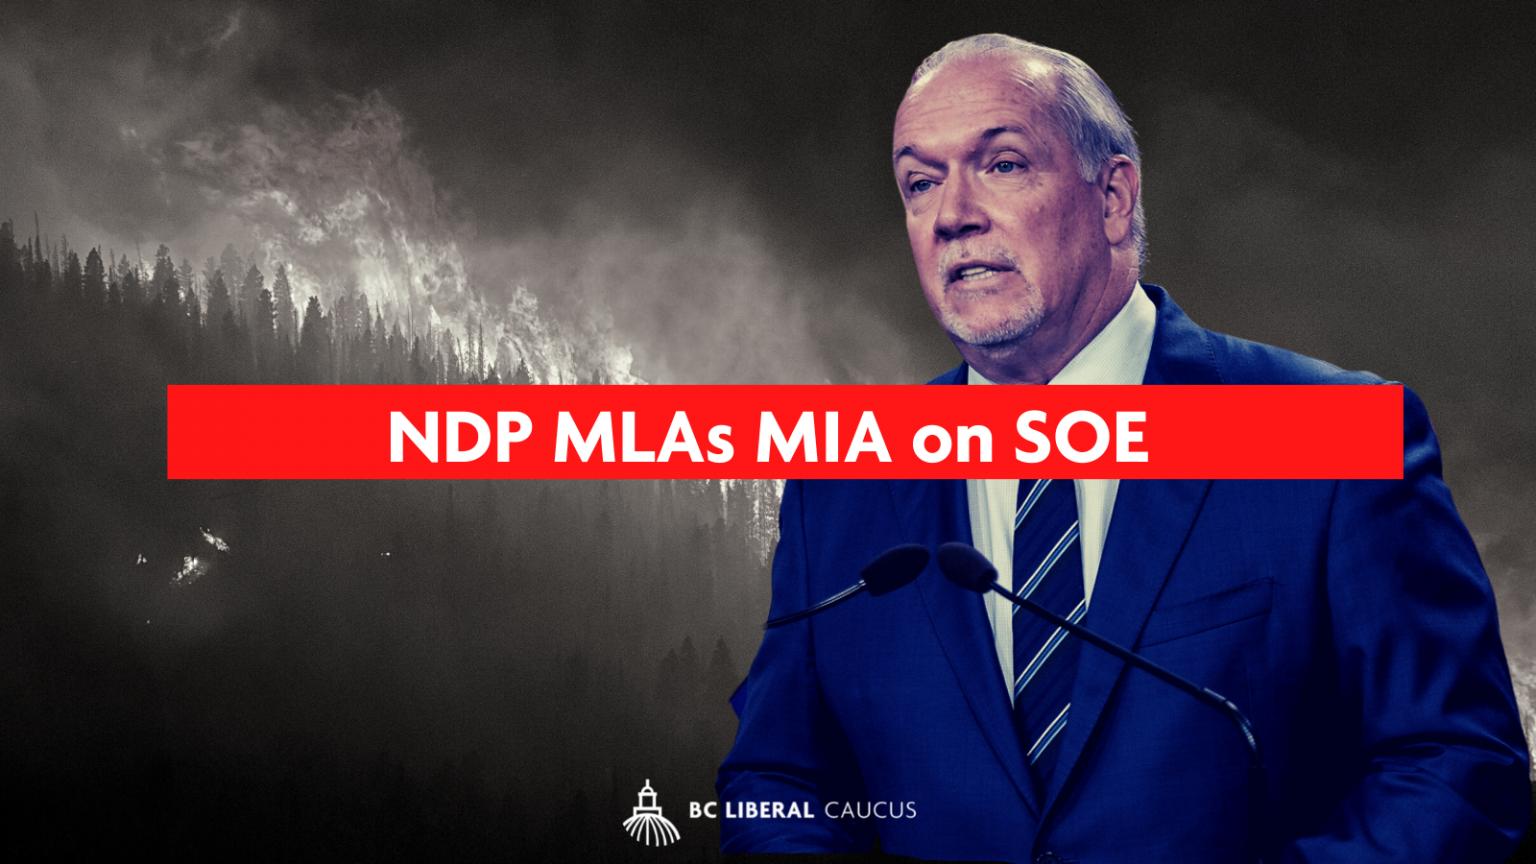 NDP MLAs MIA on SOE